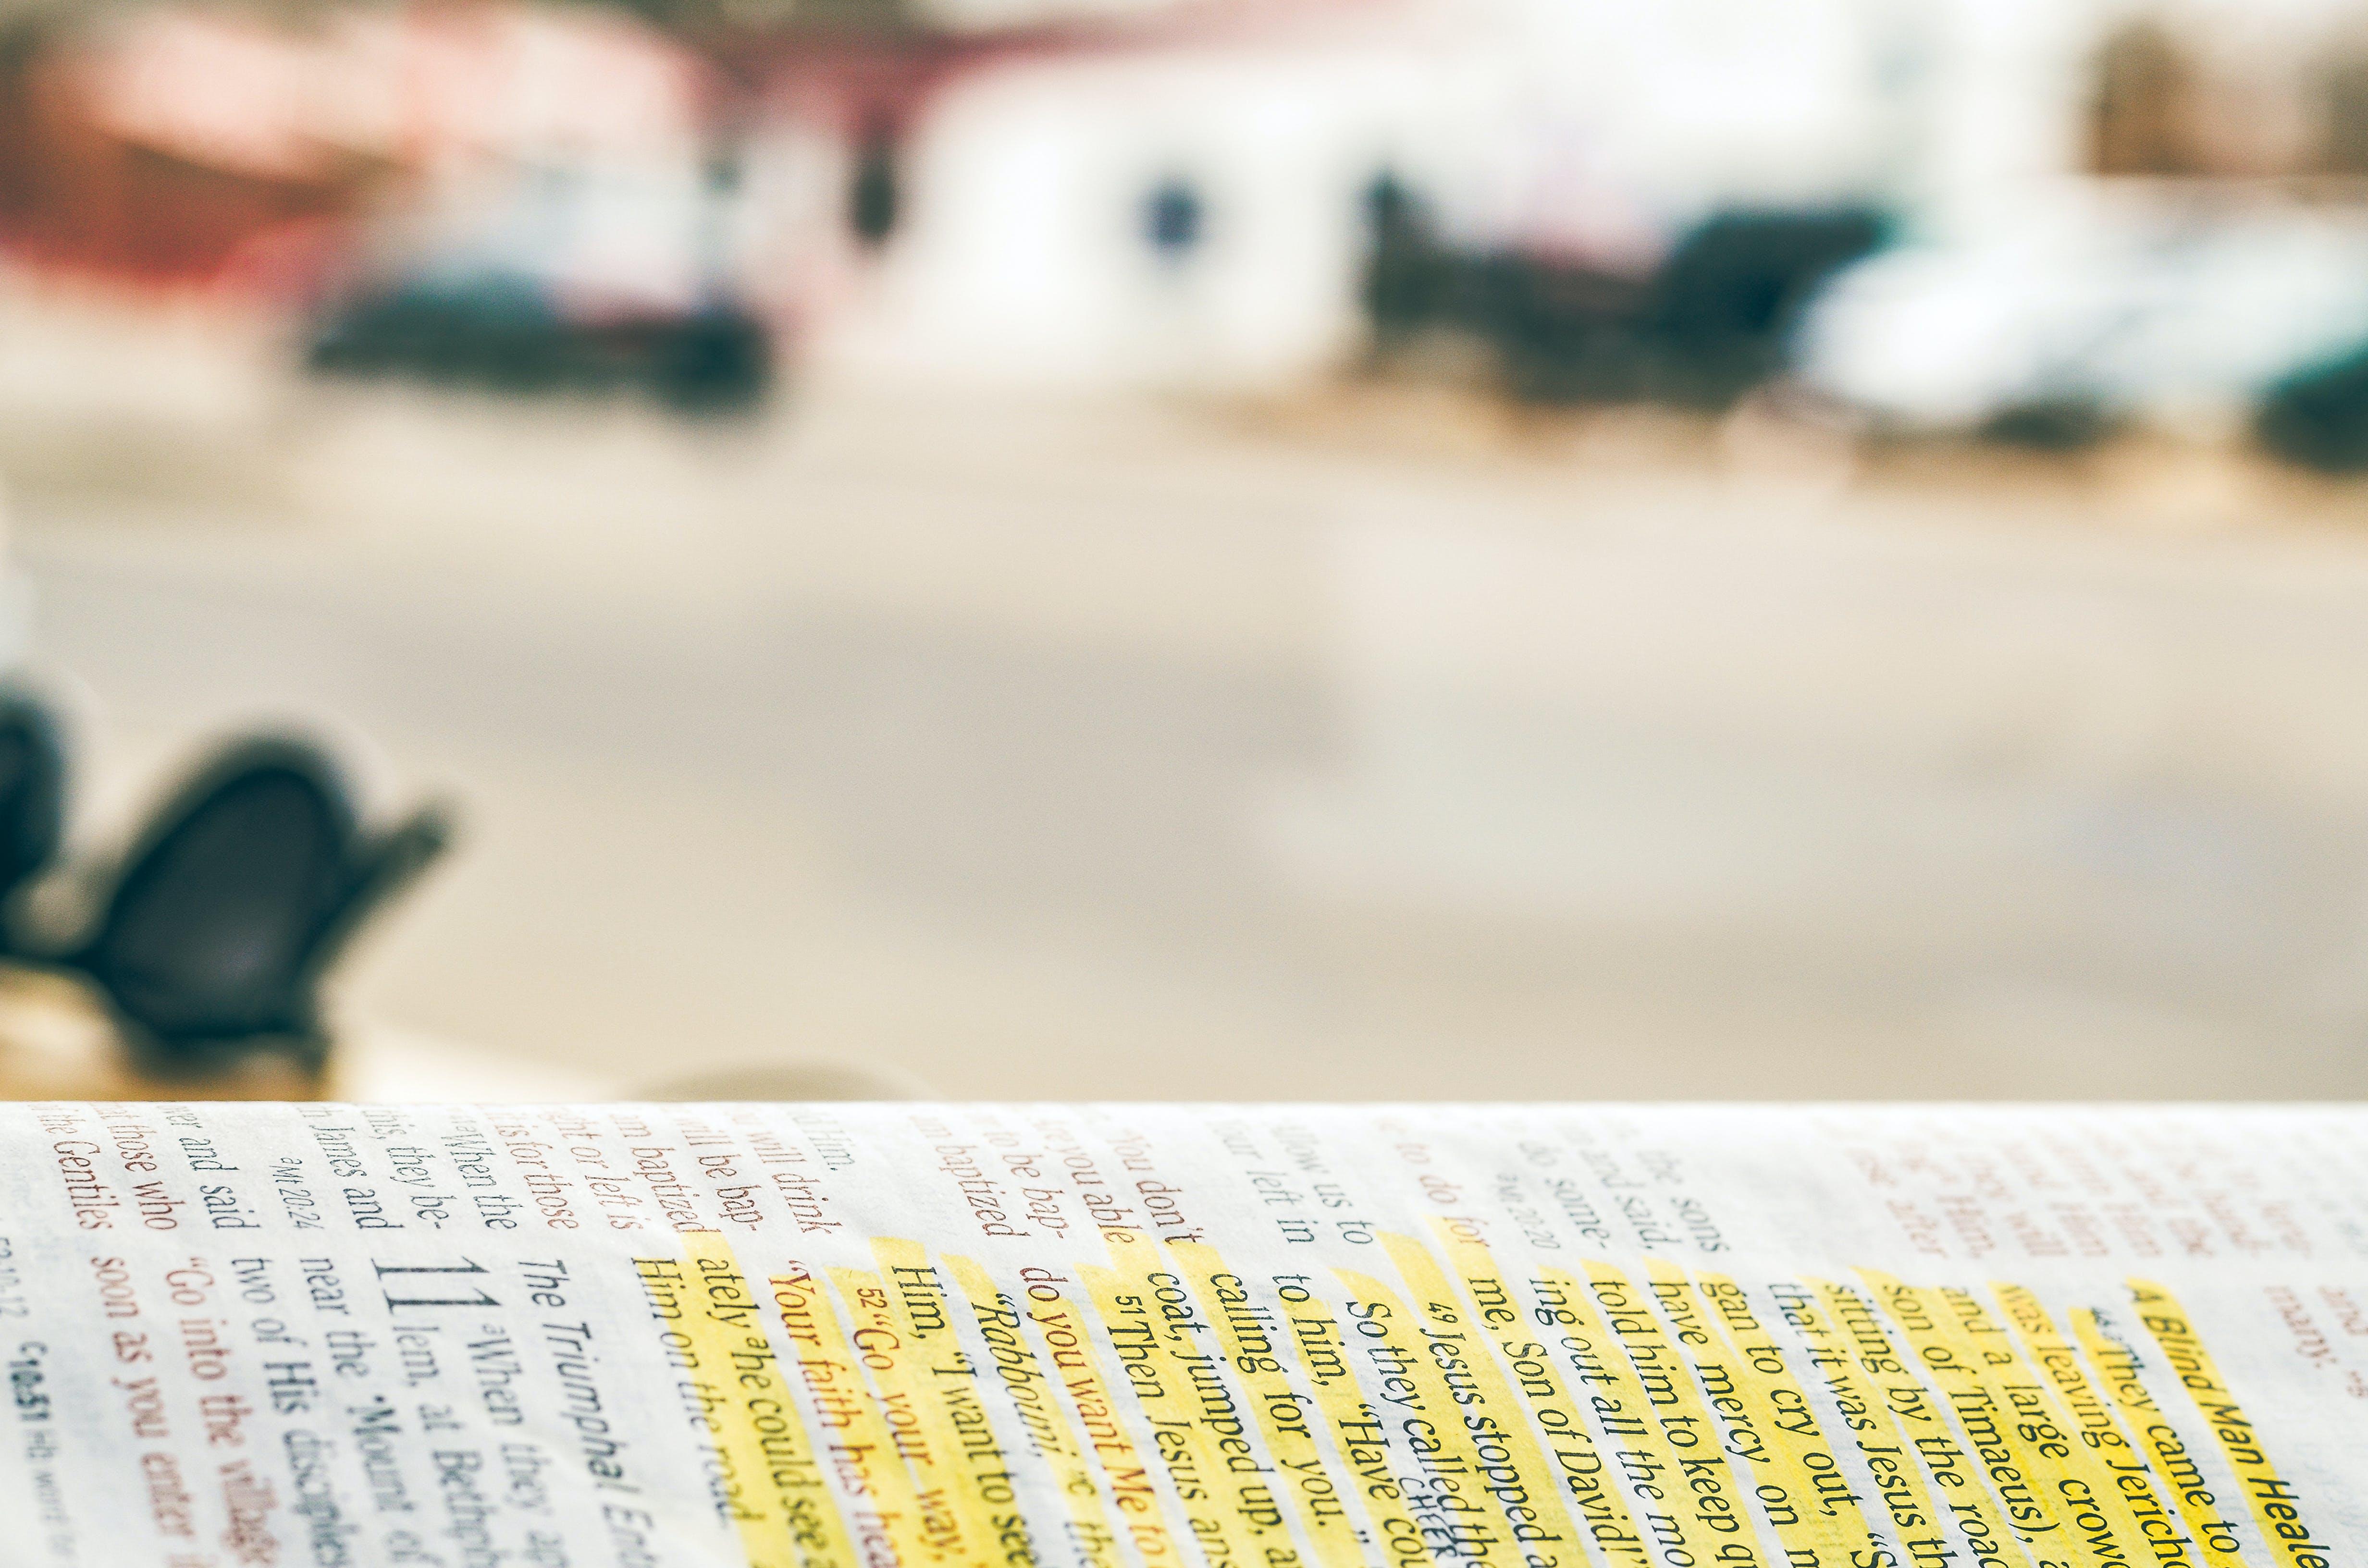 Biblia, billetes, composición